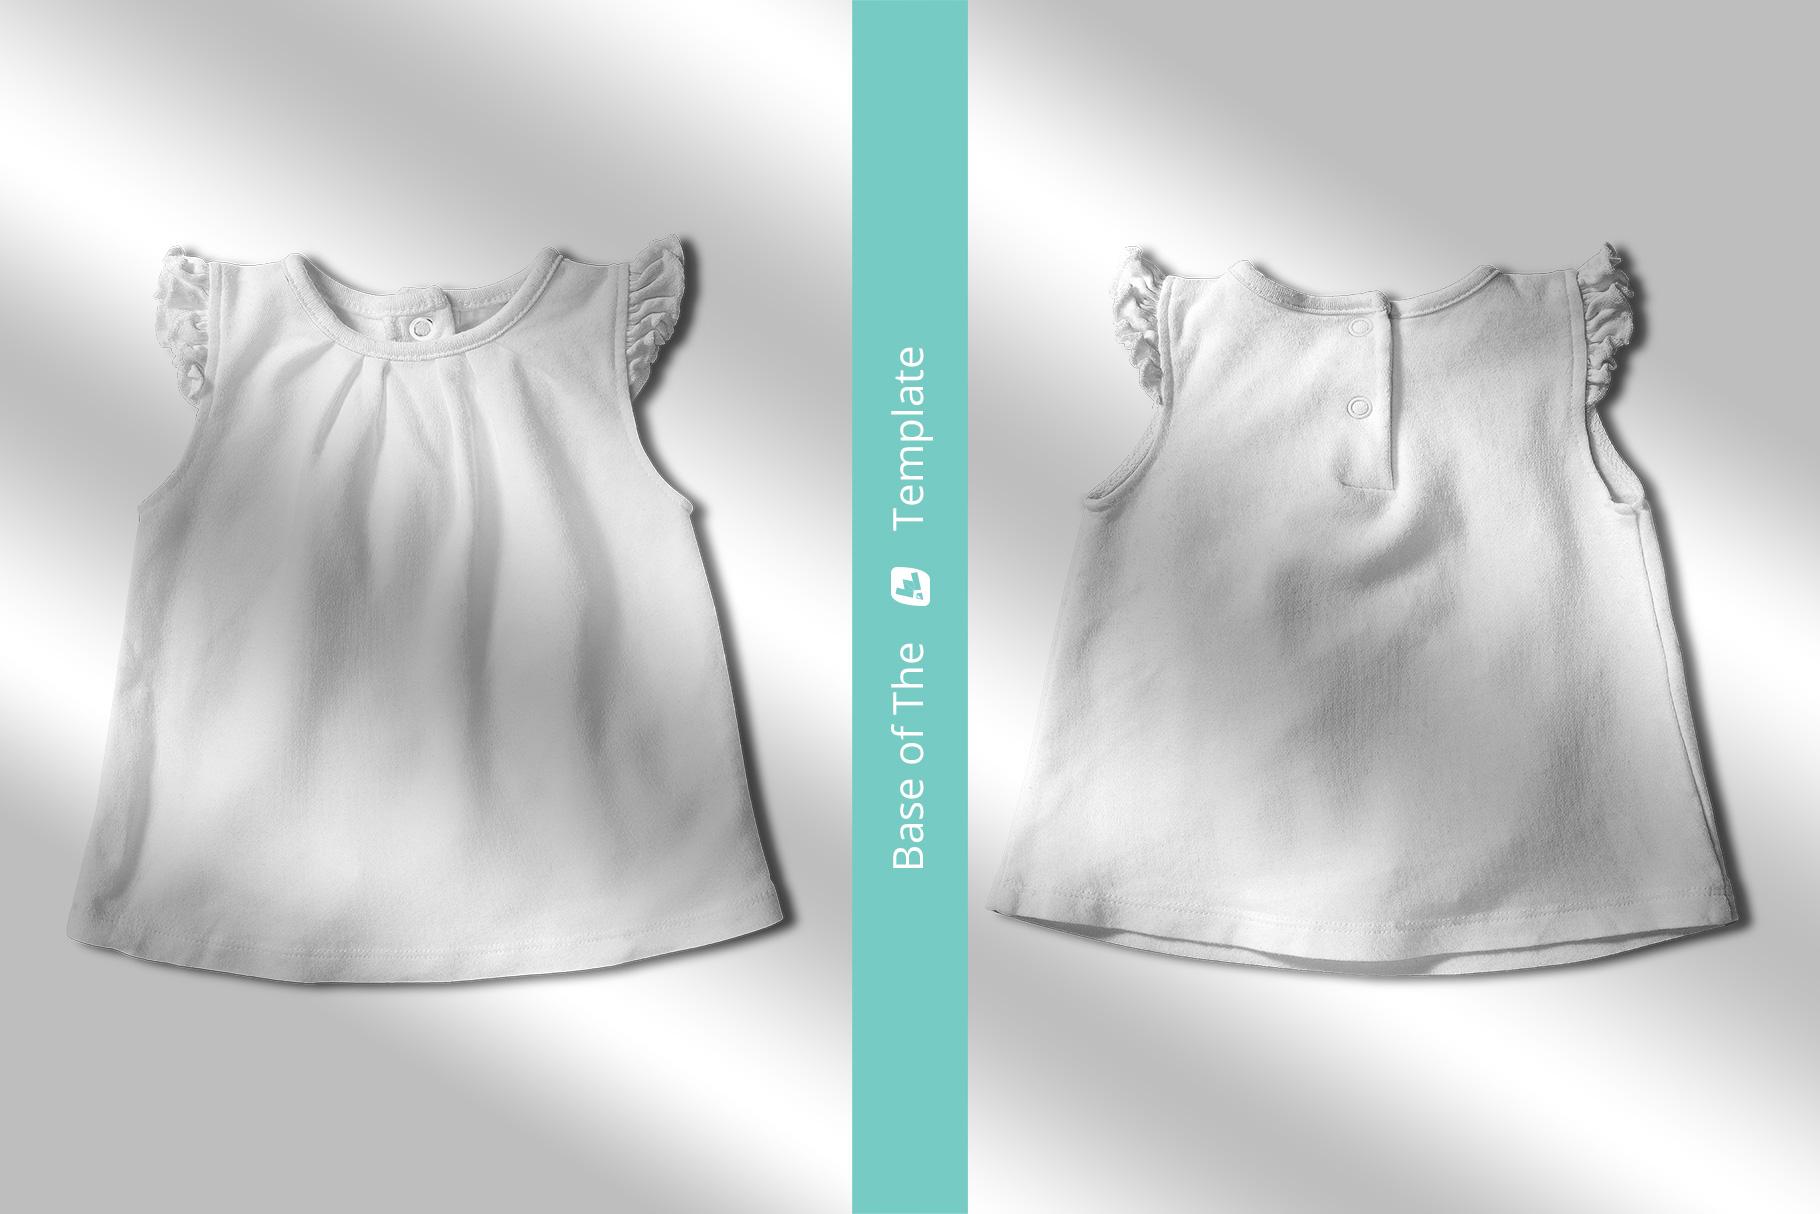 base image of the ruffle sleeve baby girl top mockup